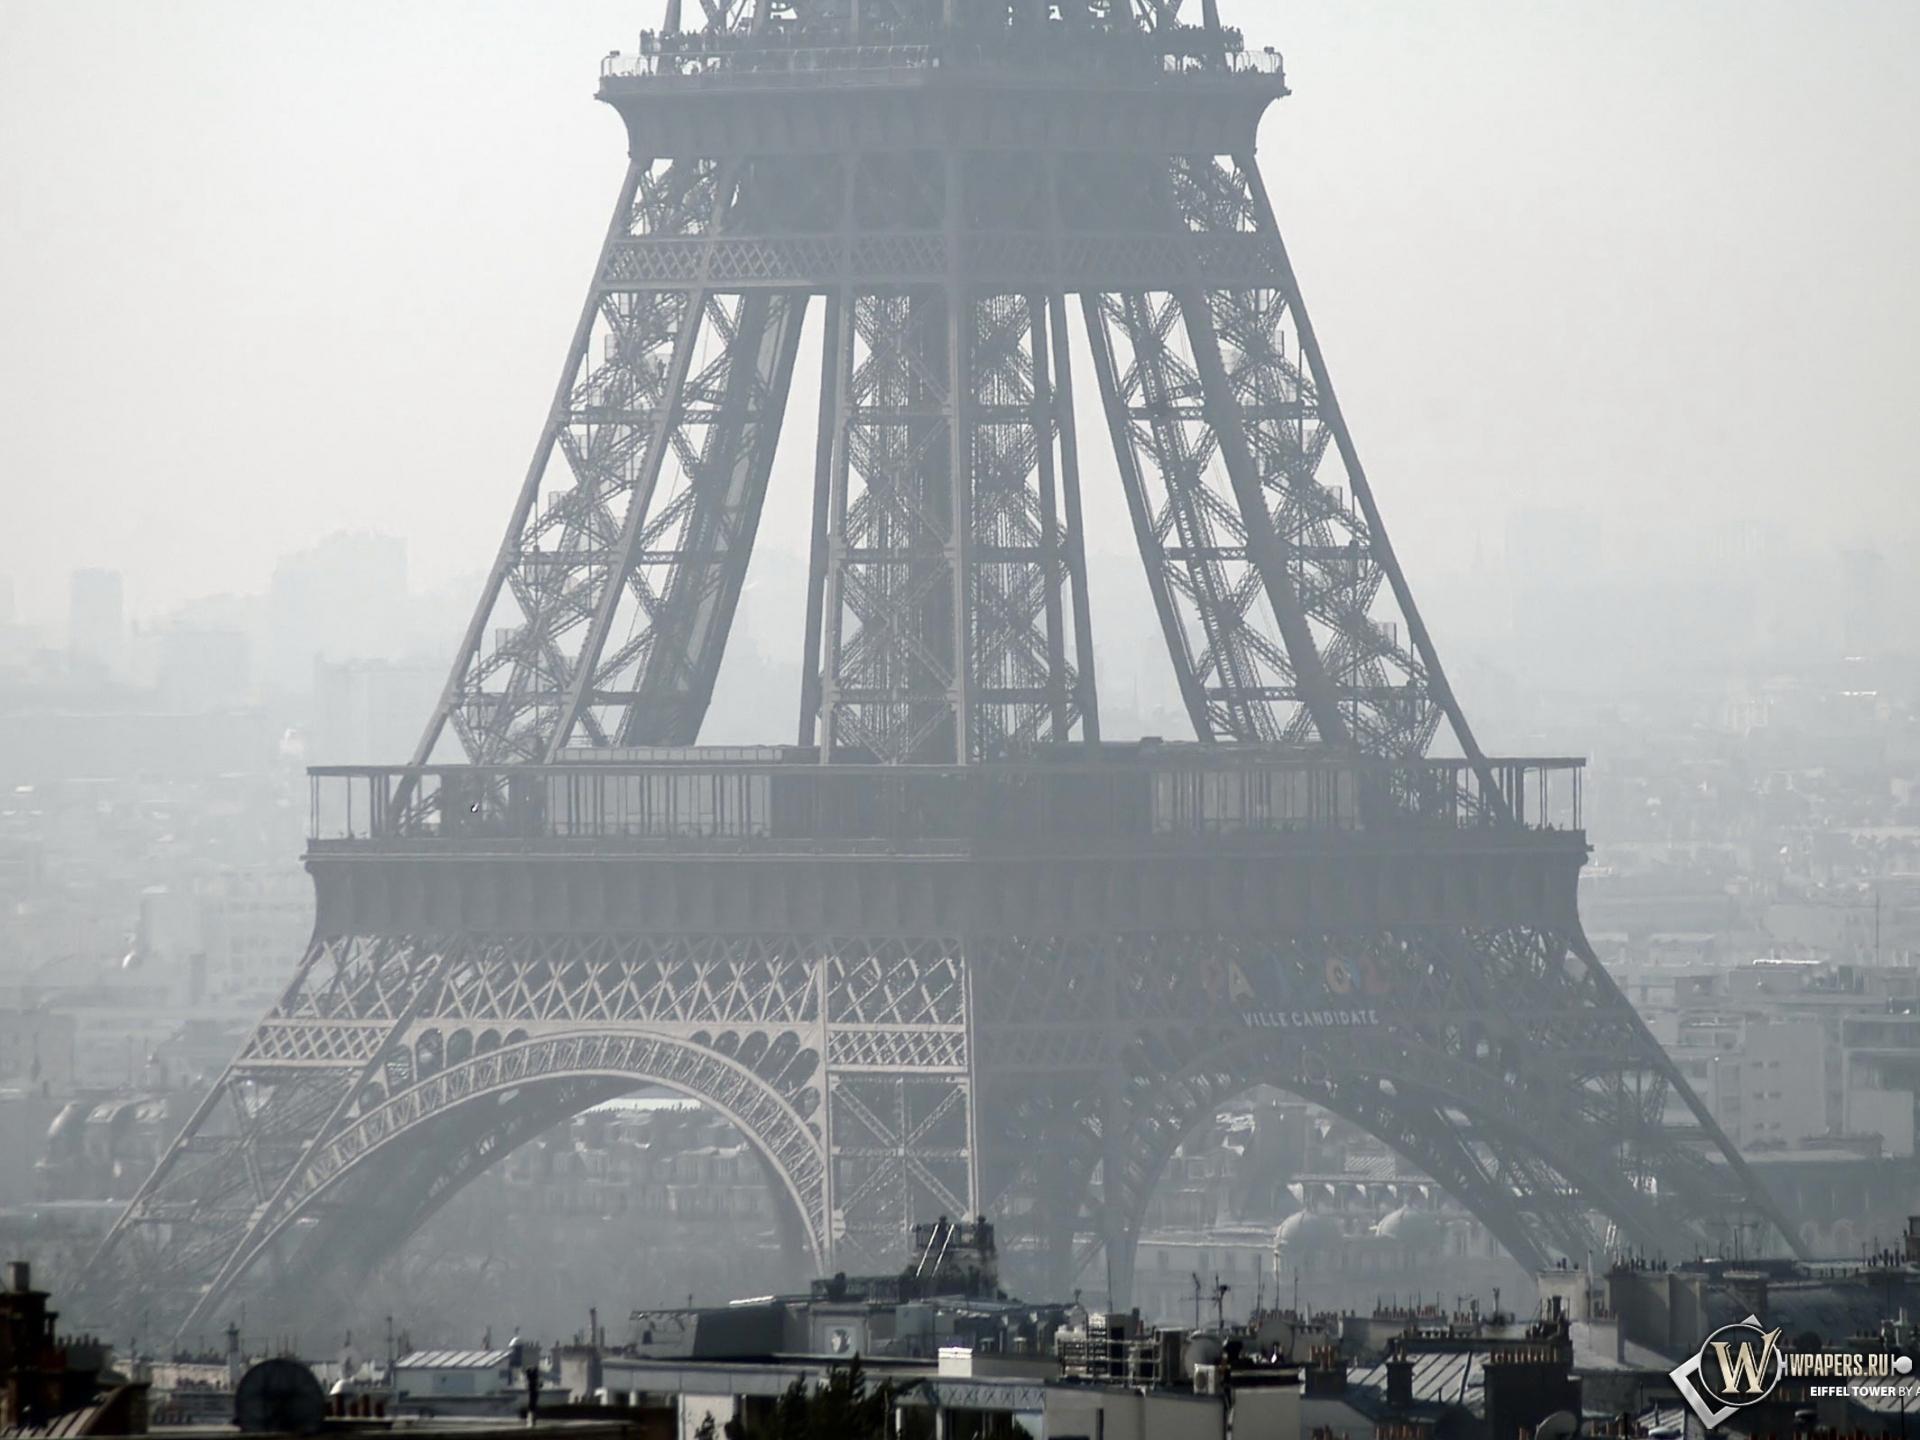 Париж эйфелева башня 1920x1440 картинки